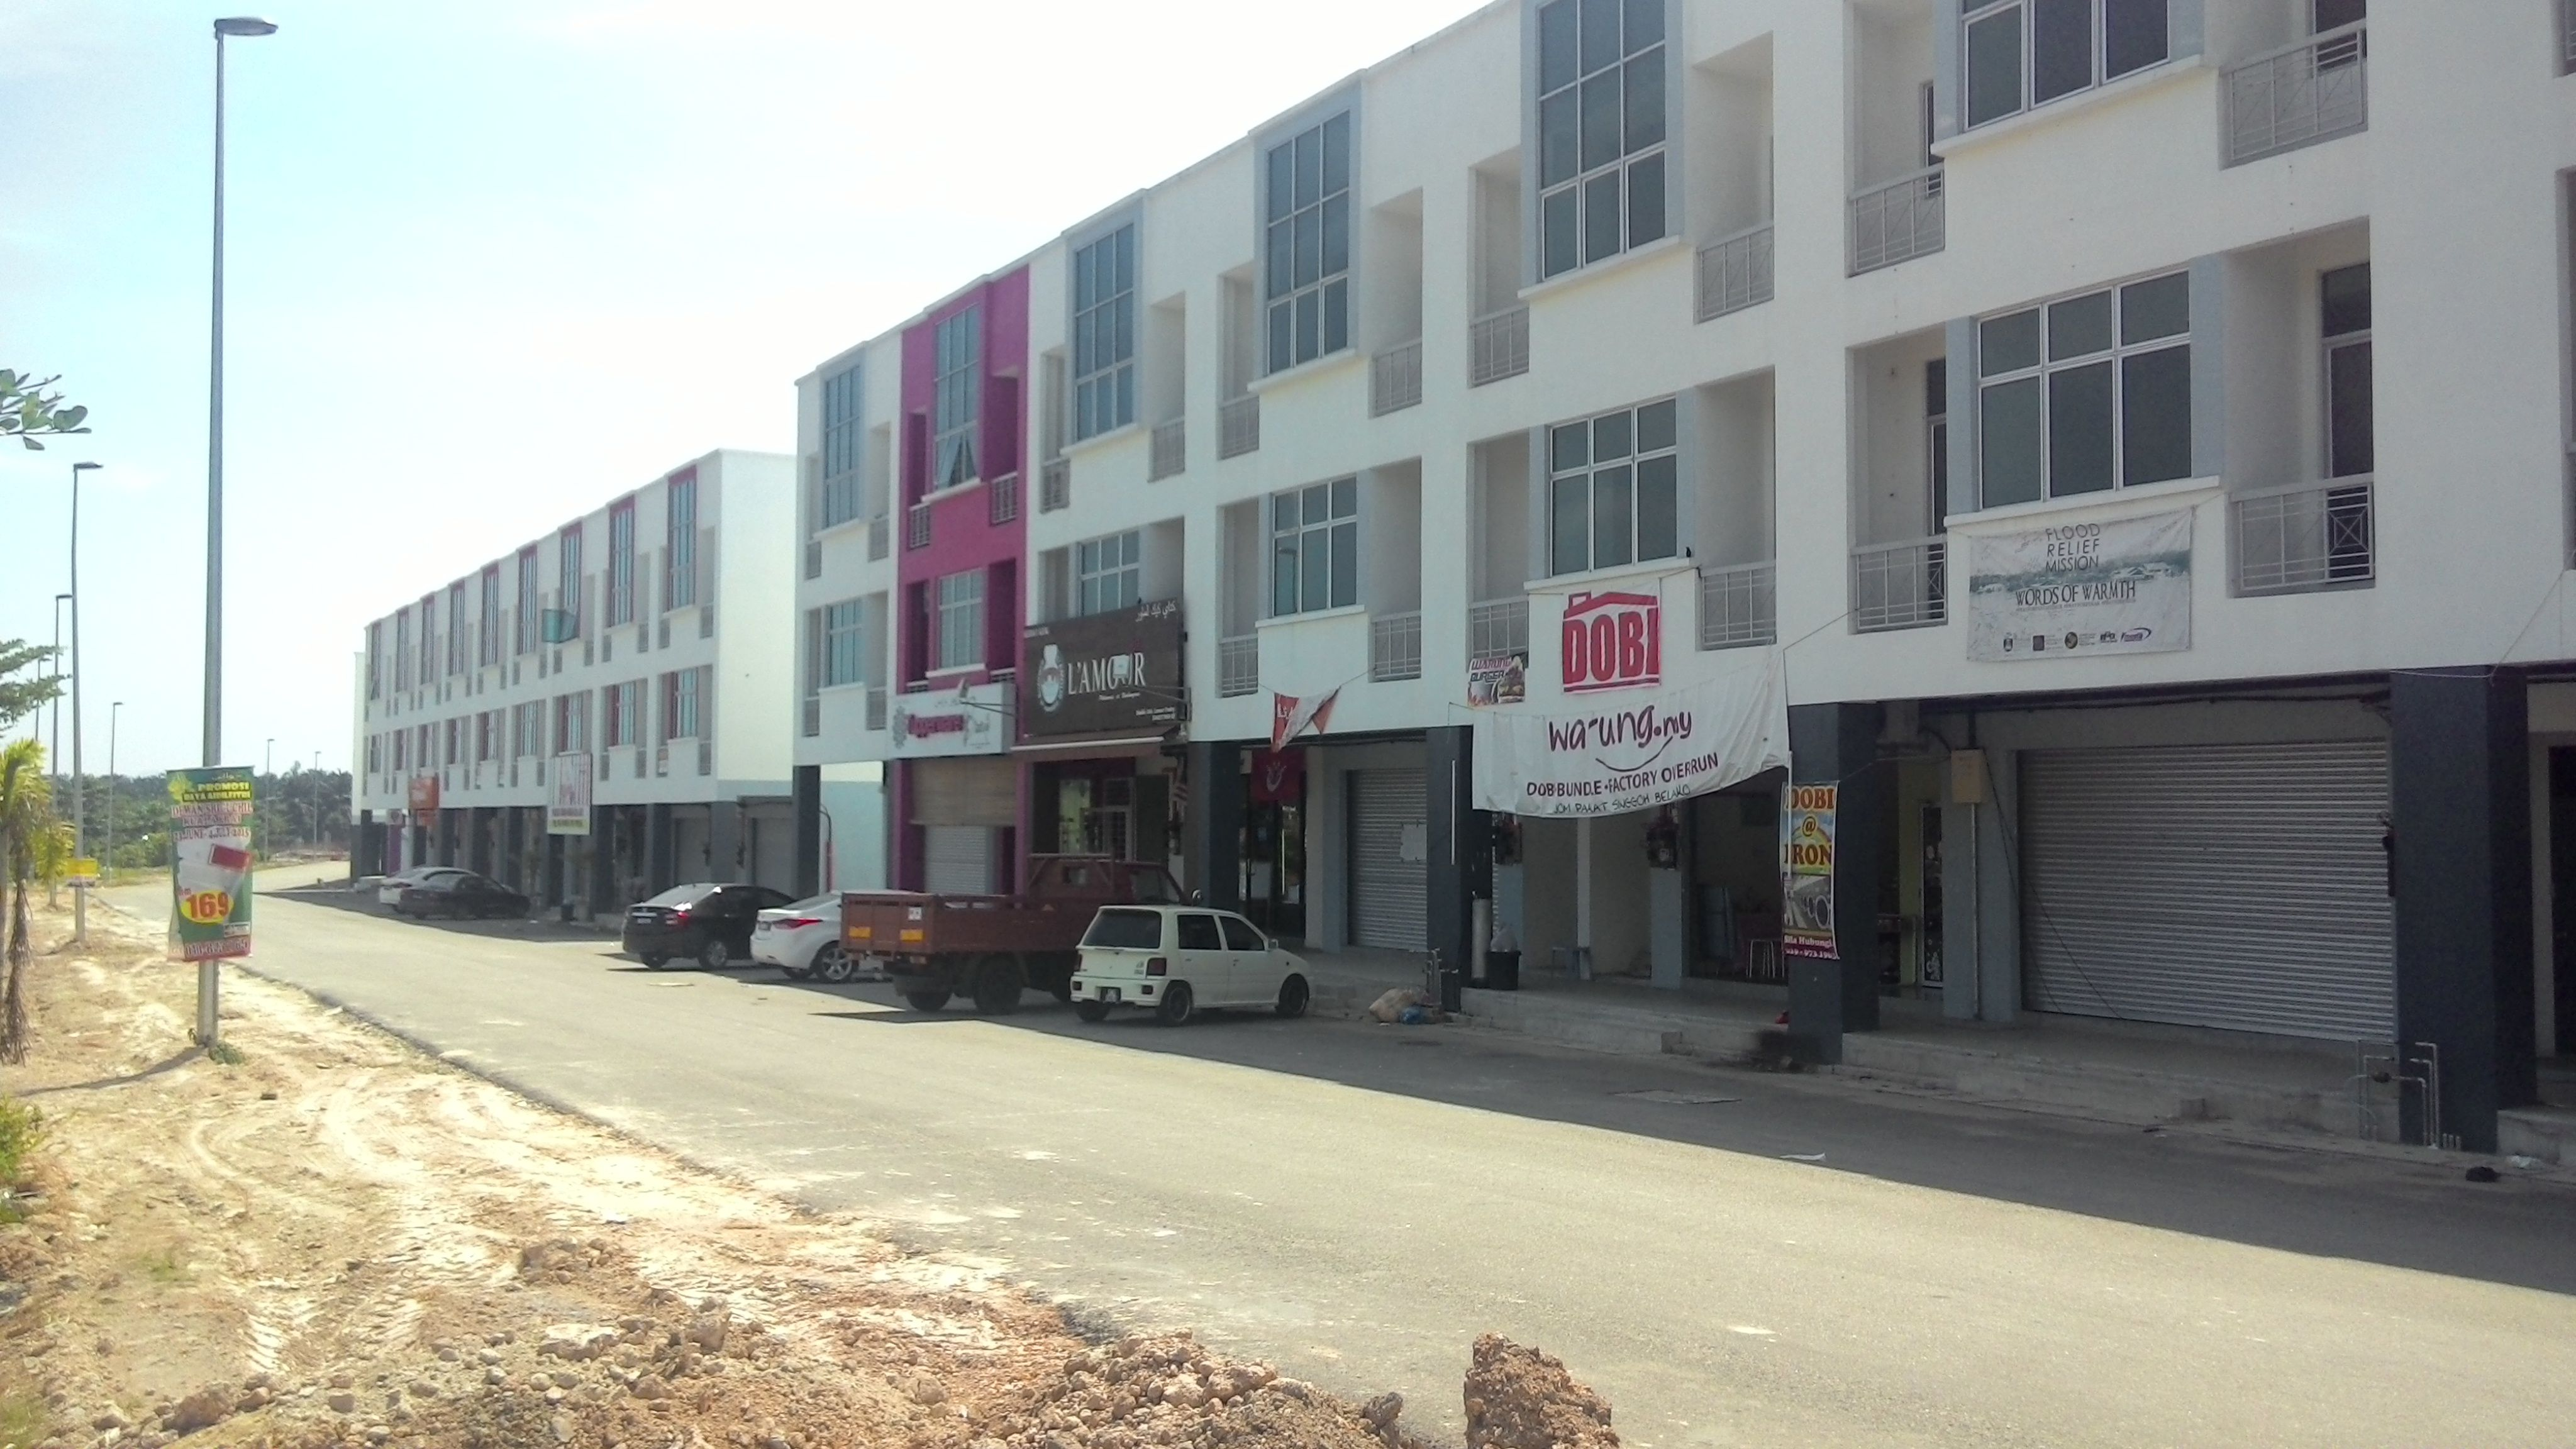 Kedai Pejabat 3 Tingkat Bandar Baru Kuala Krai Kota Bharu Kuala Lumpur Kota